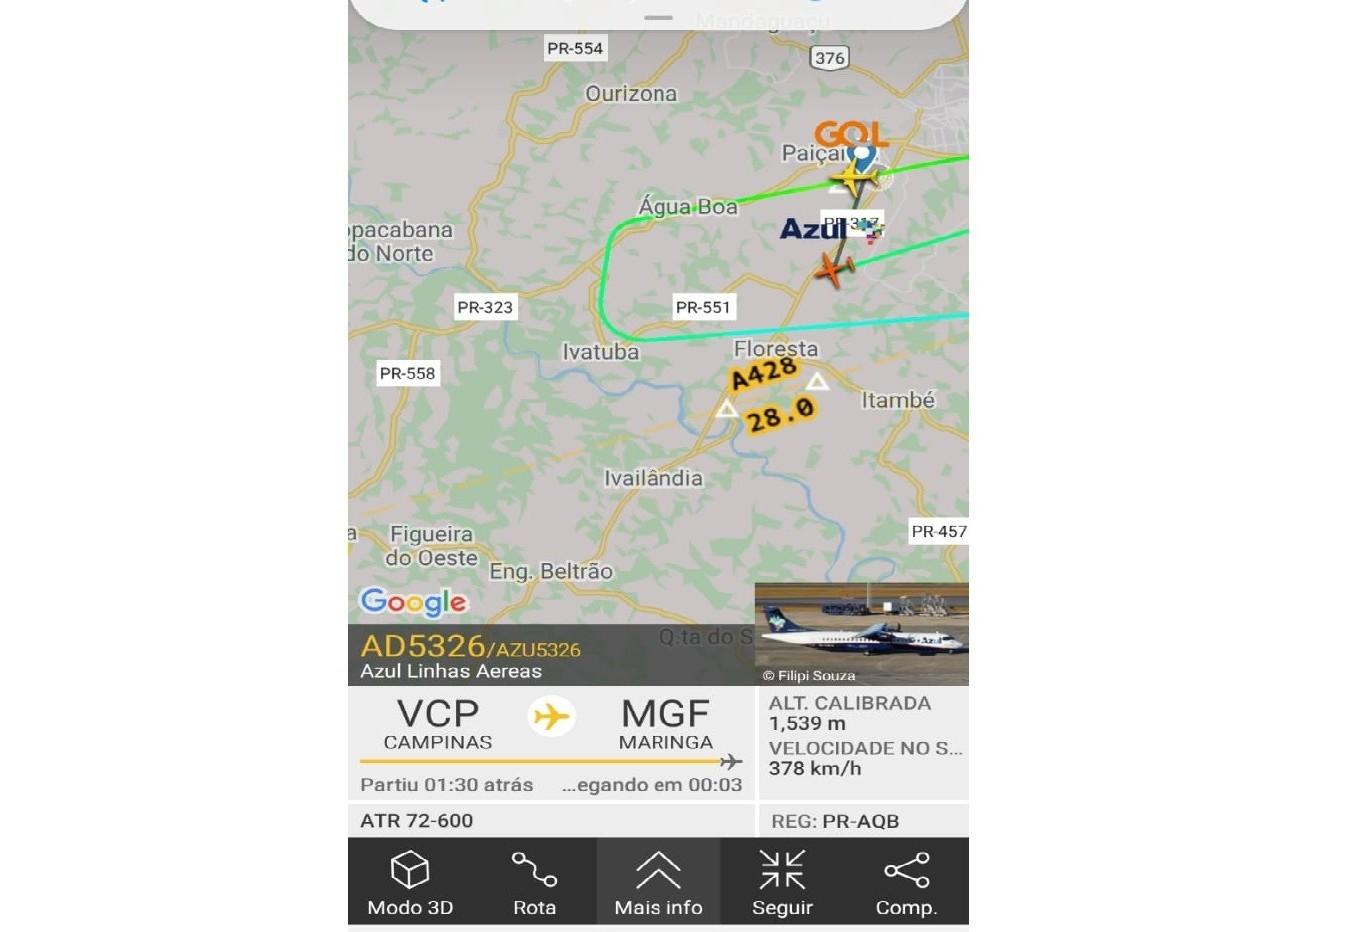 Vento forte atrapalha pouso de avião no aeroporto de Maringá